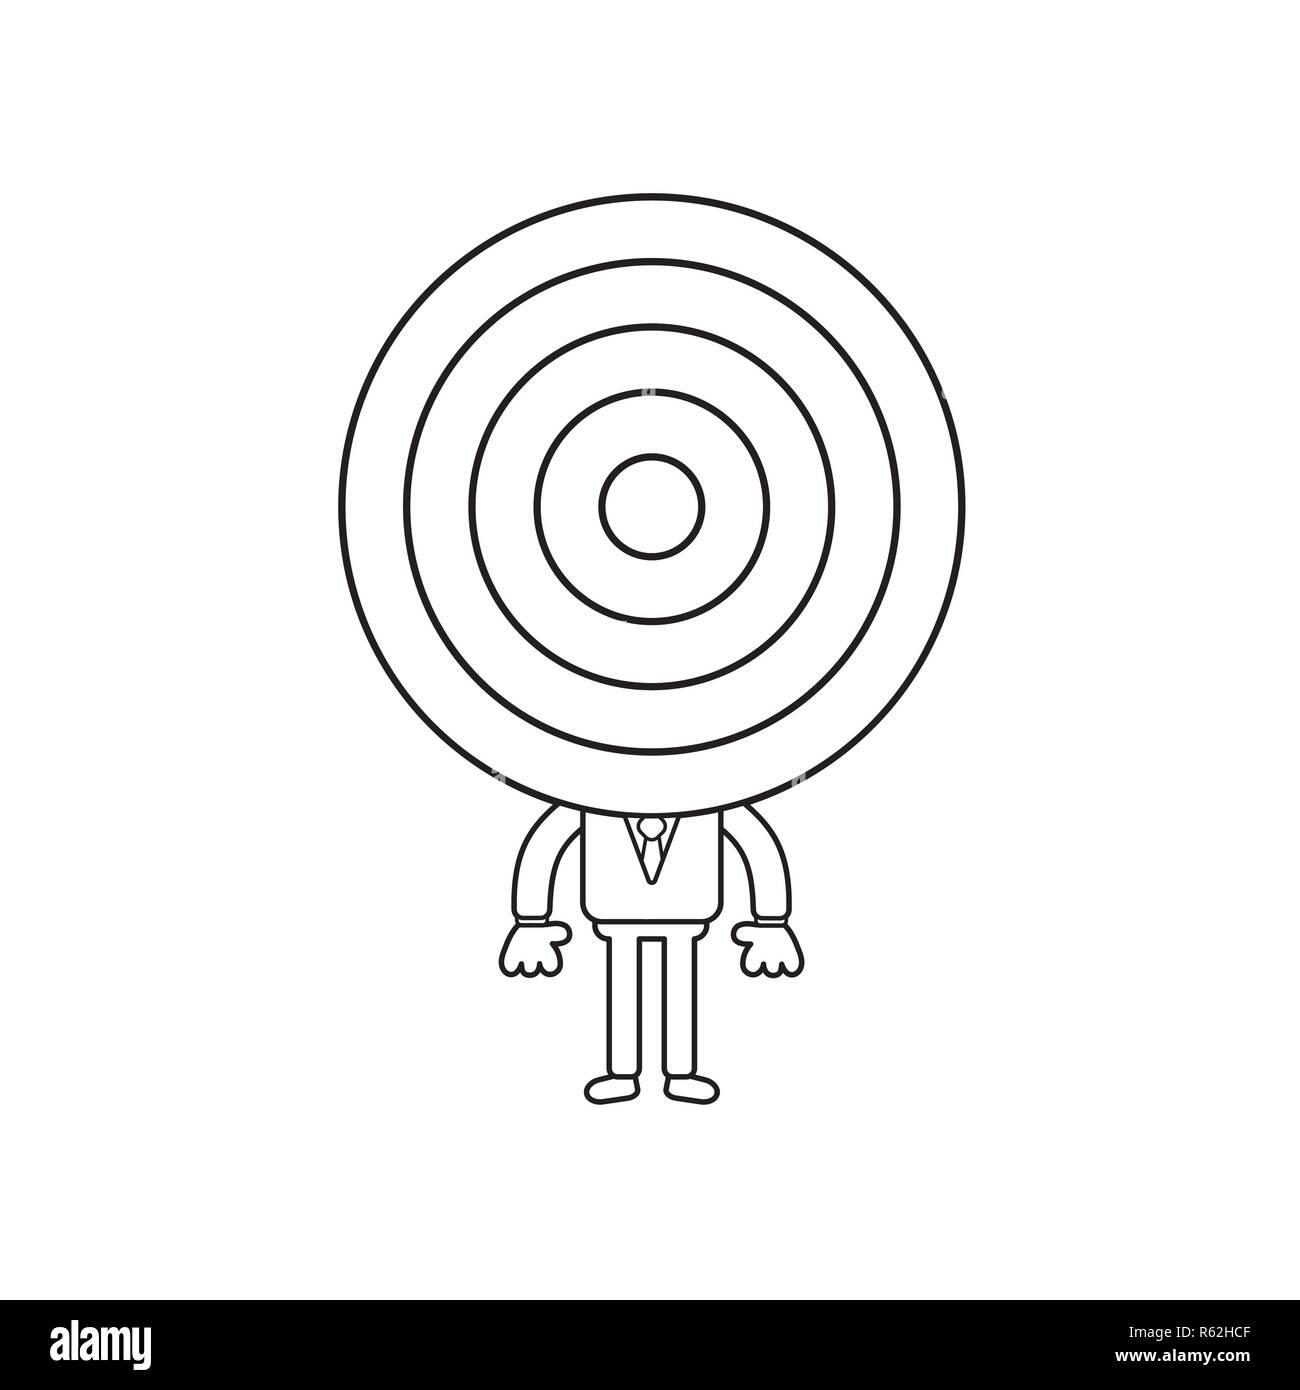 c40bc595f0 Ilustración vectorial concepto de empresario personaje con cabeza de diana. Contorno  negro. Imagen De